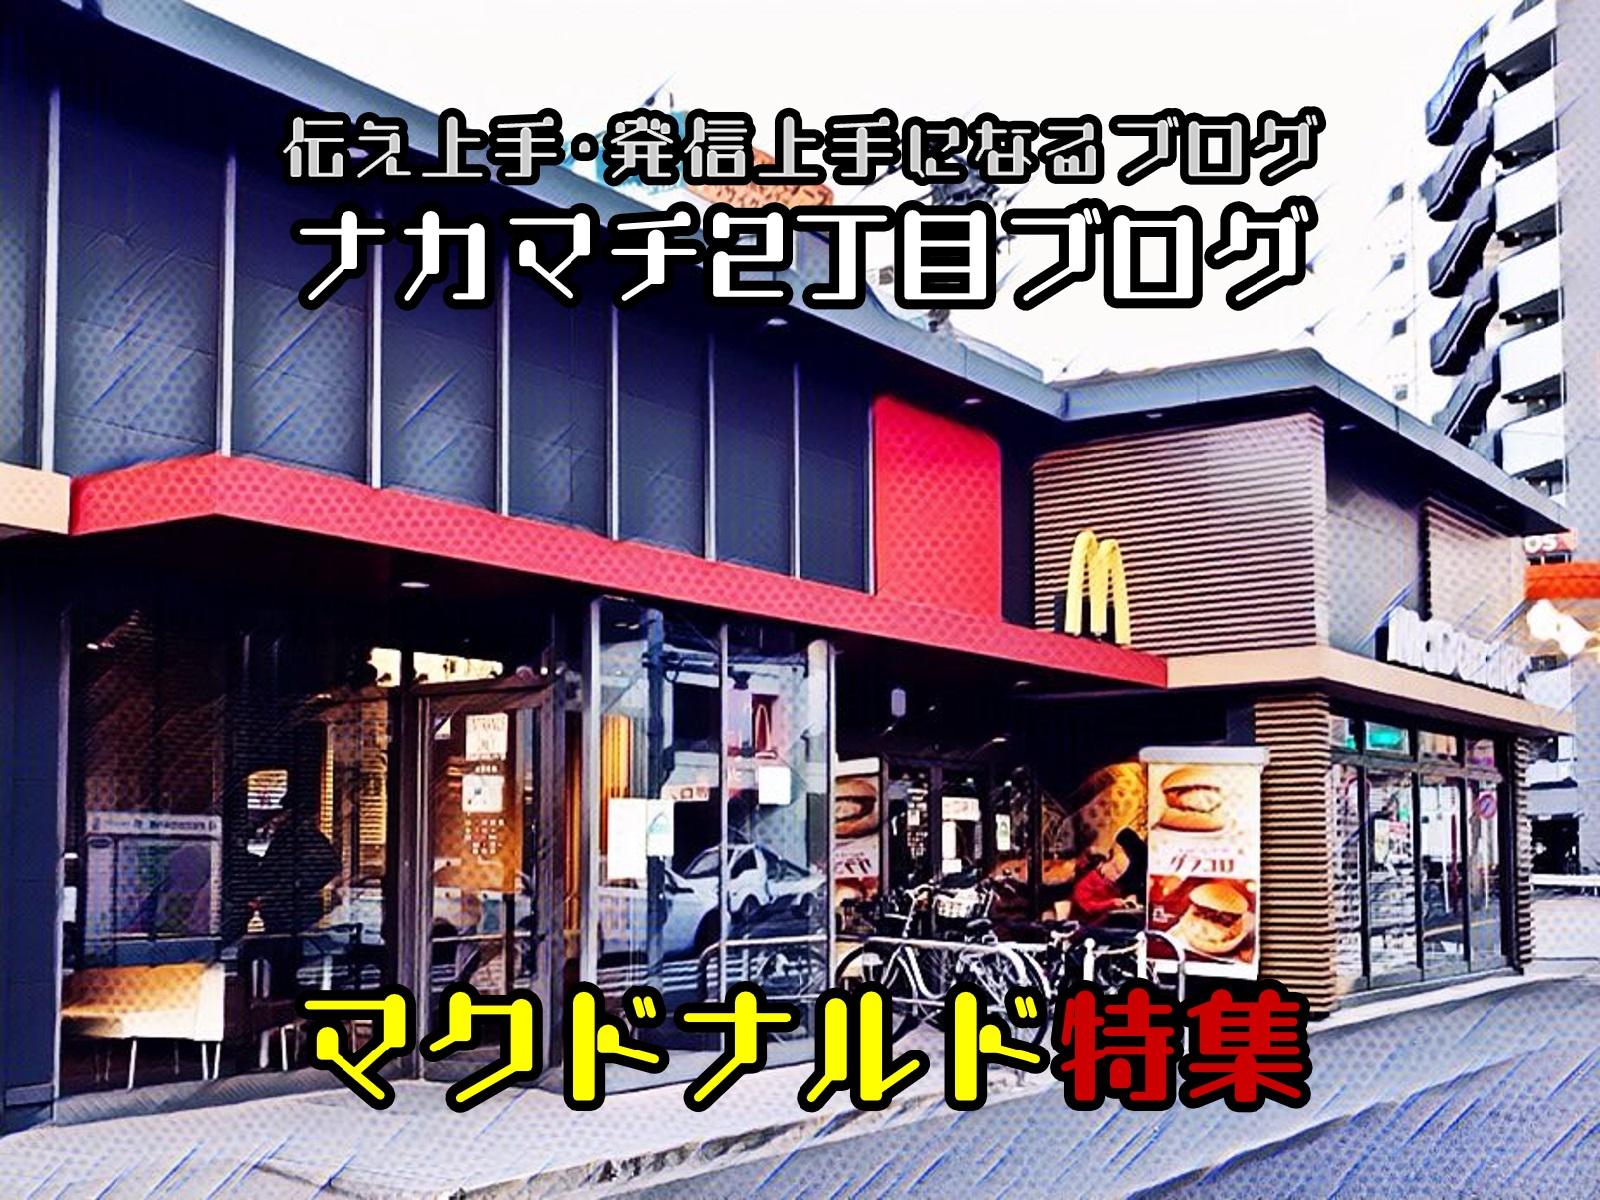 【記事一覧】 元マクドナルド従業員がコッソリ書く、マクドナルドを楽しむ記事まとめ